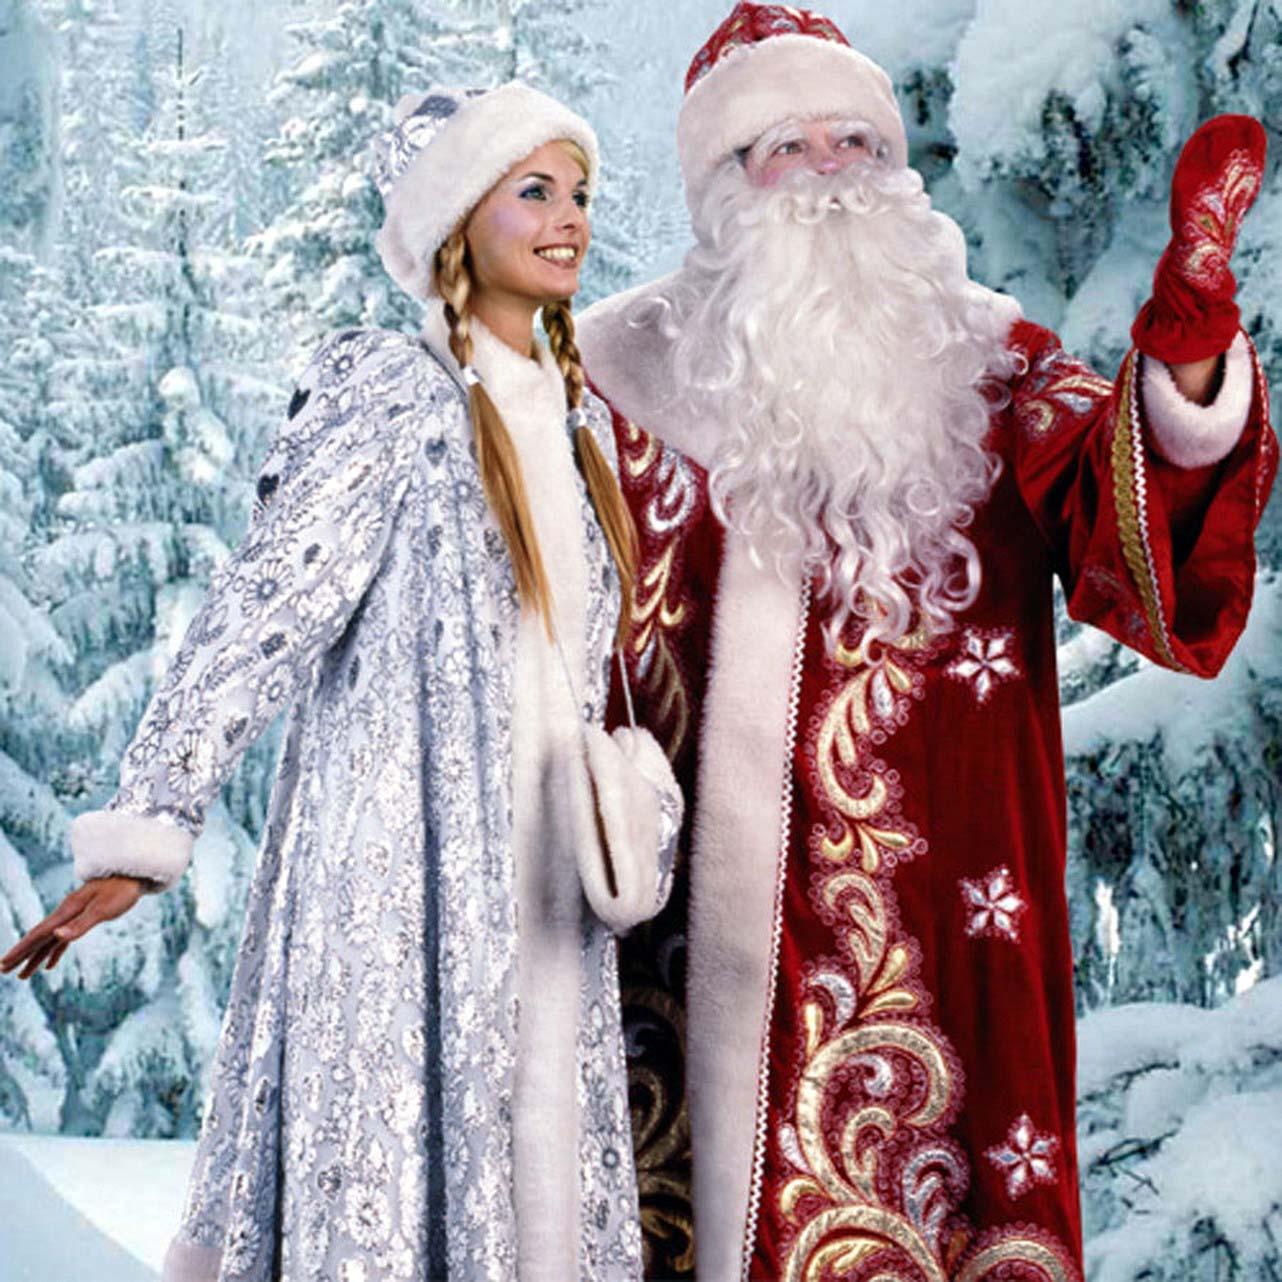 ... год Дед Мороз и Снегурочка Картинки: fon1.ru/load/82-1-0-13917